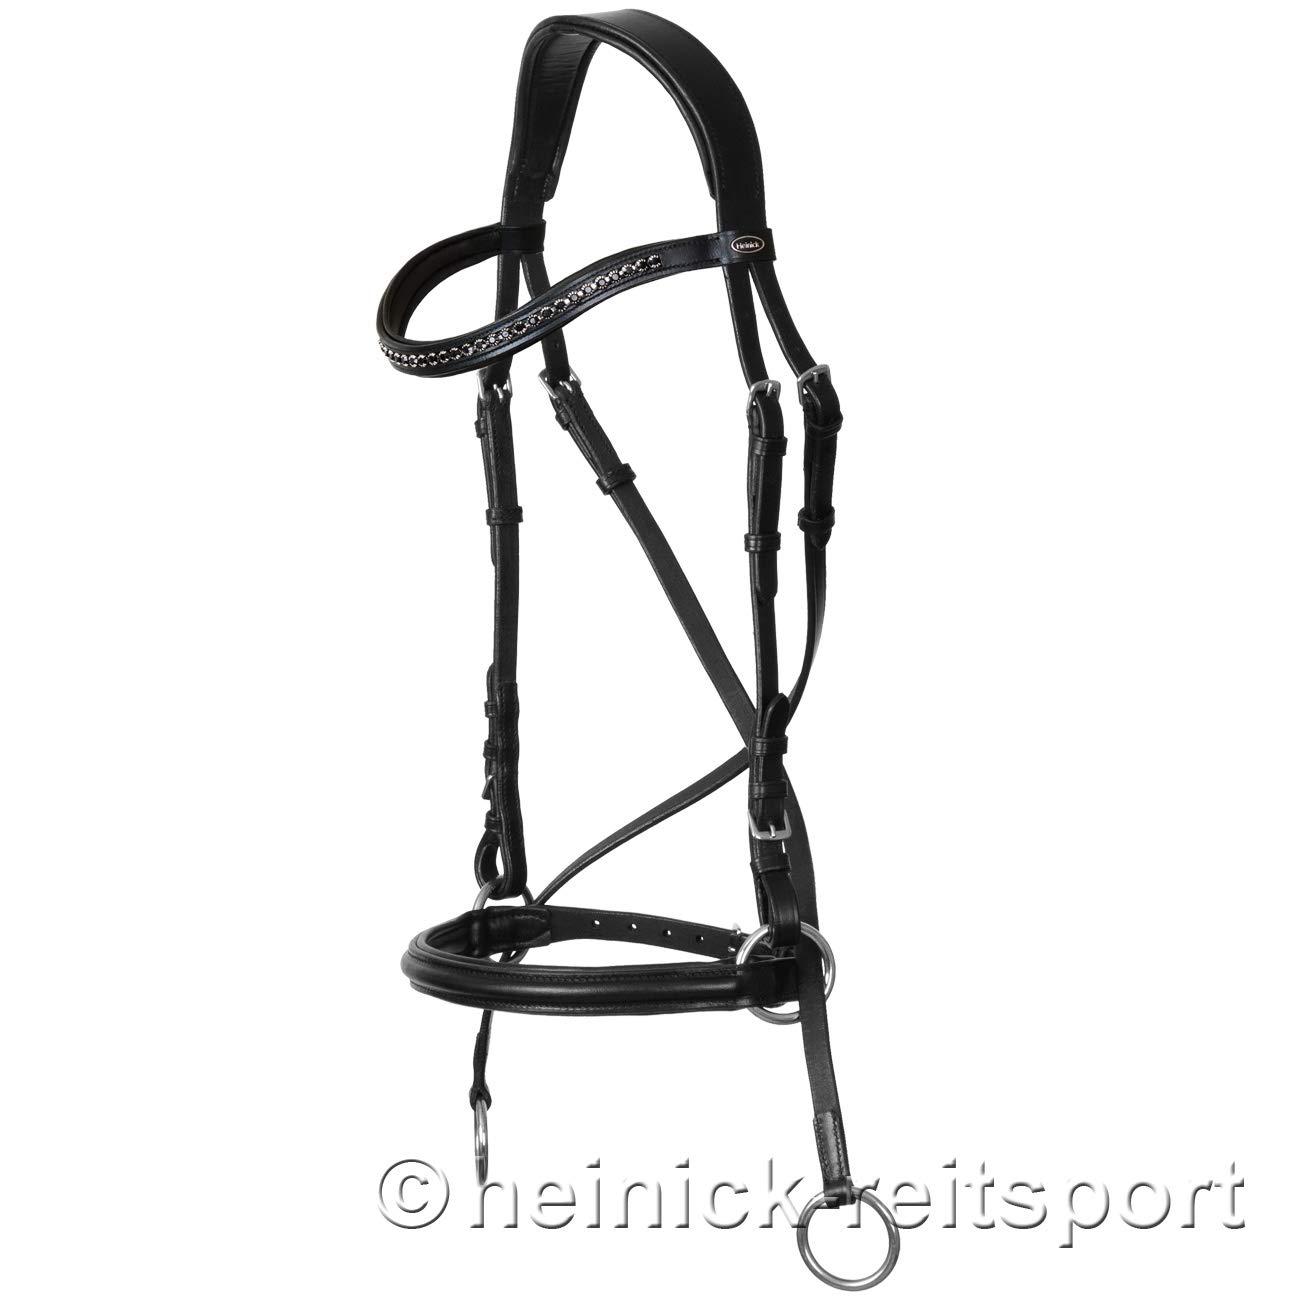 heinick de l/équitation Comfort Bridon ~ Agate ~ gebisslose z/äumung sans R/ênes Bridon demi-sang pur-sang